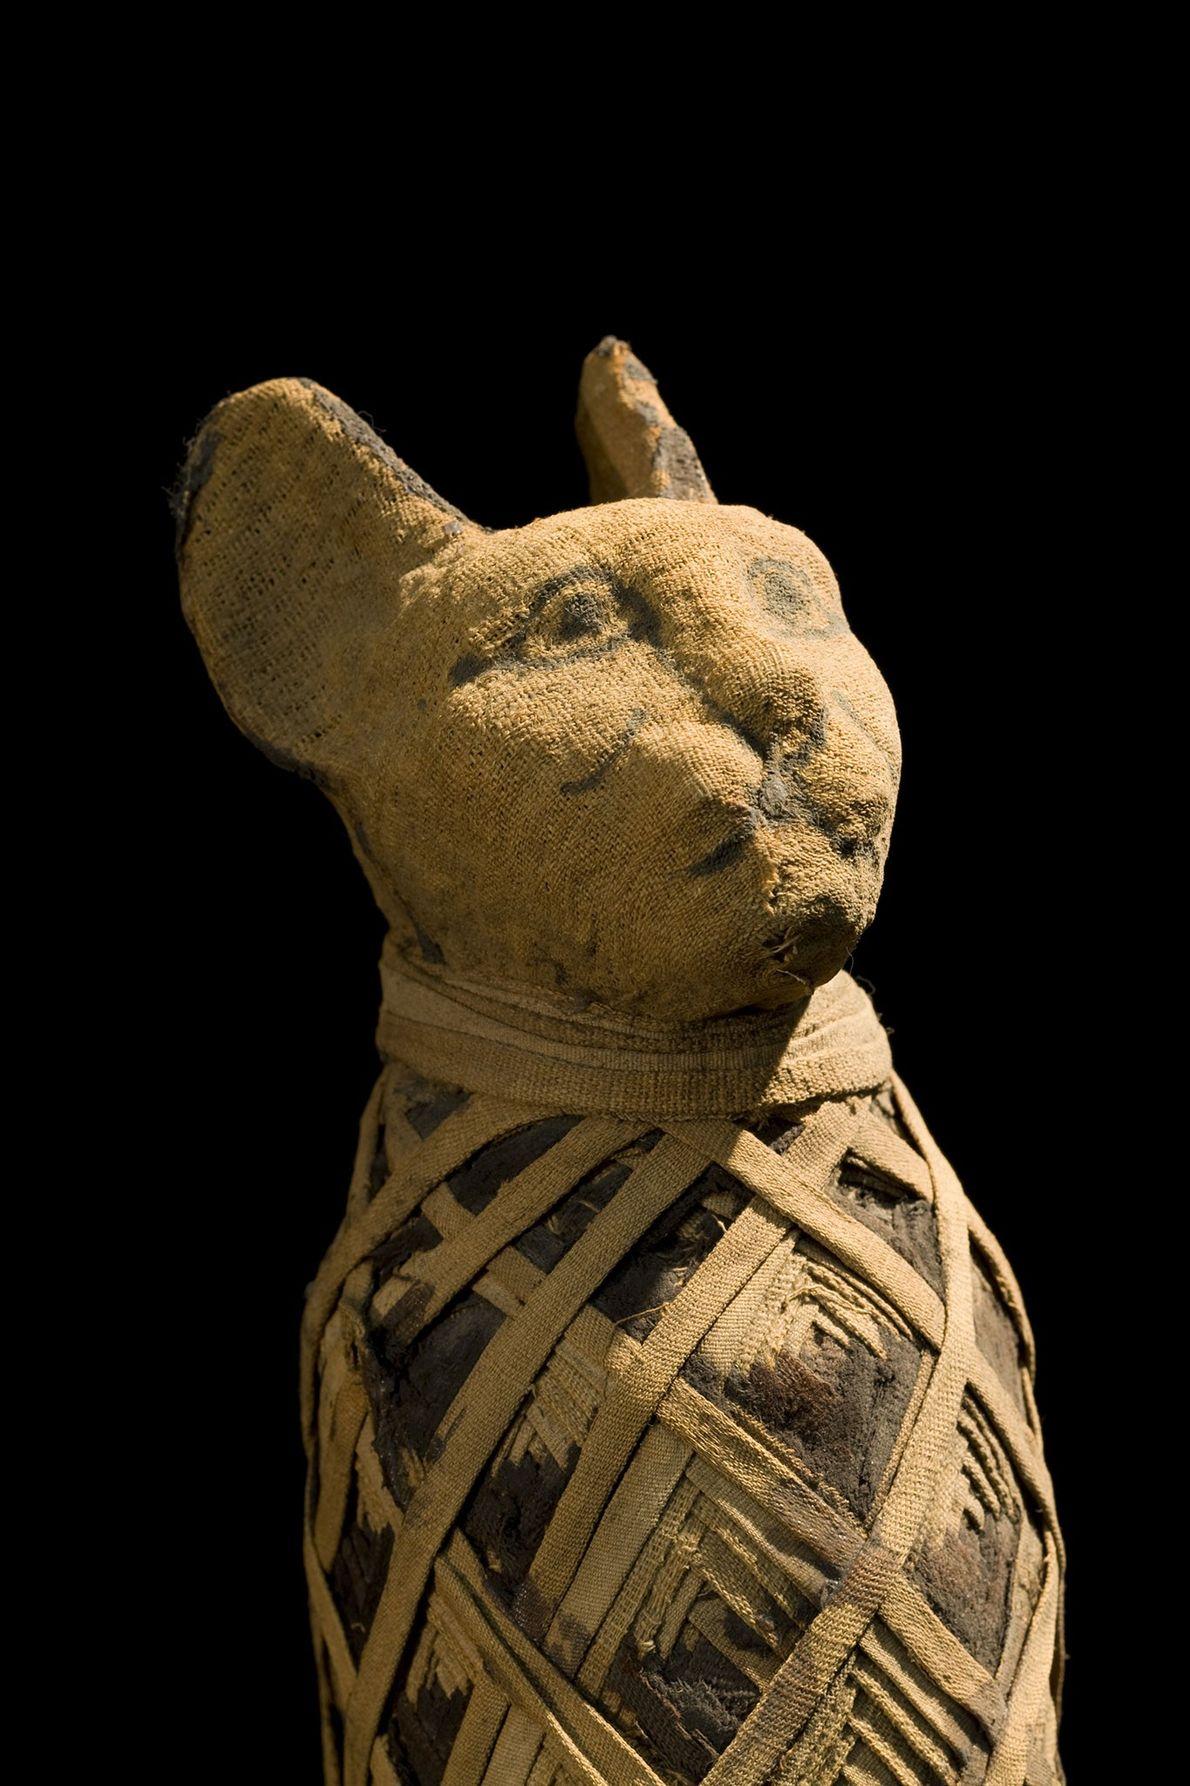 Les bandes de lins repliées peuvent donner l'impression d'un collier de chat, mais l'animal qui repose ...